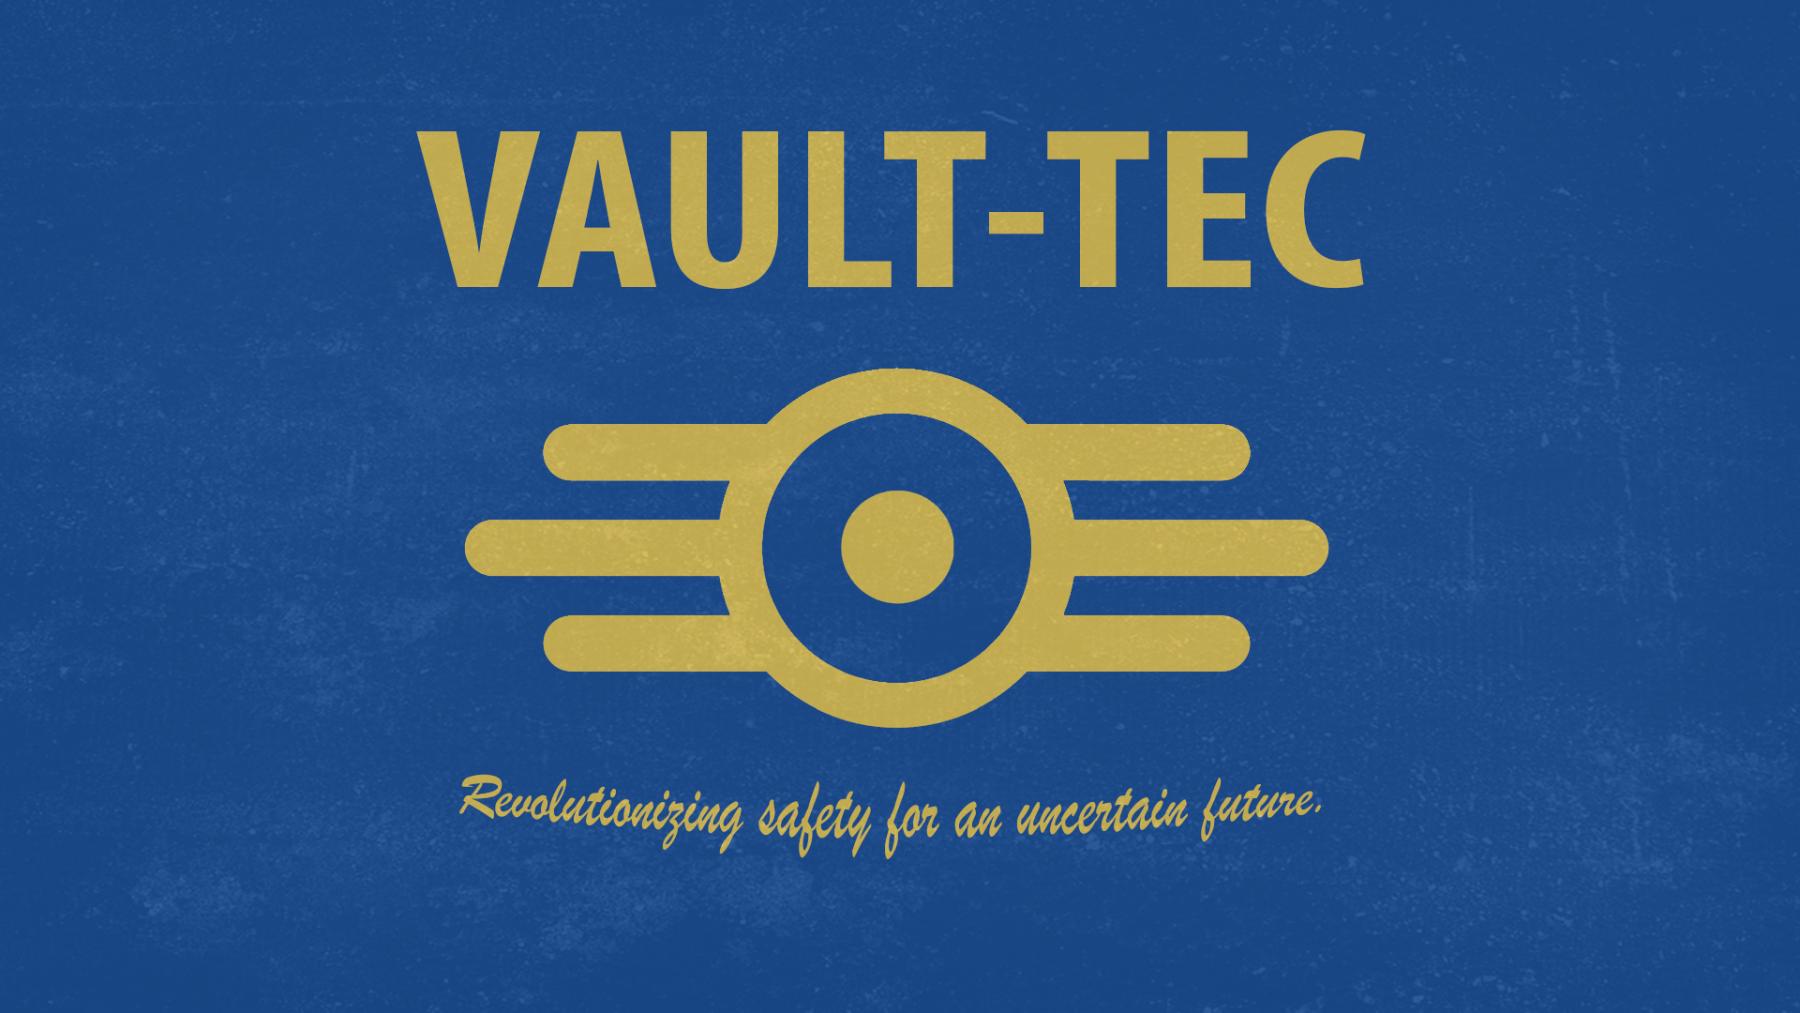 vault_tec_wallpaper_by_harknus-d8zc5qw